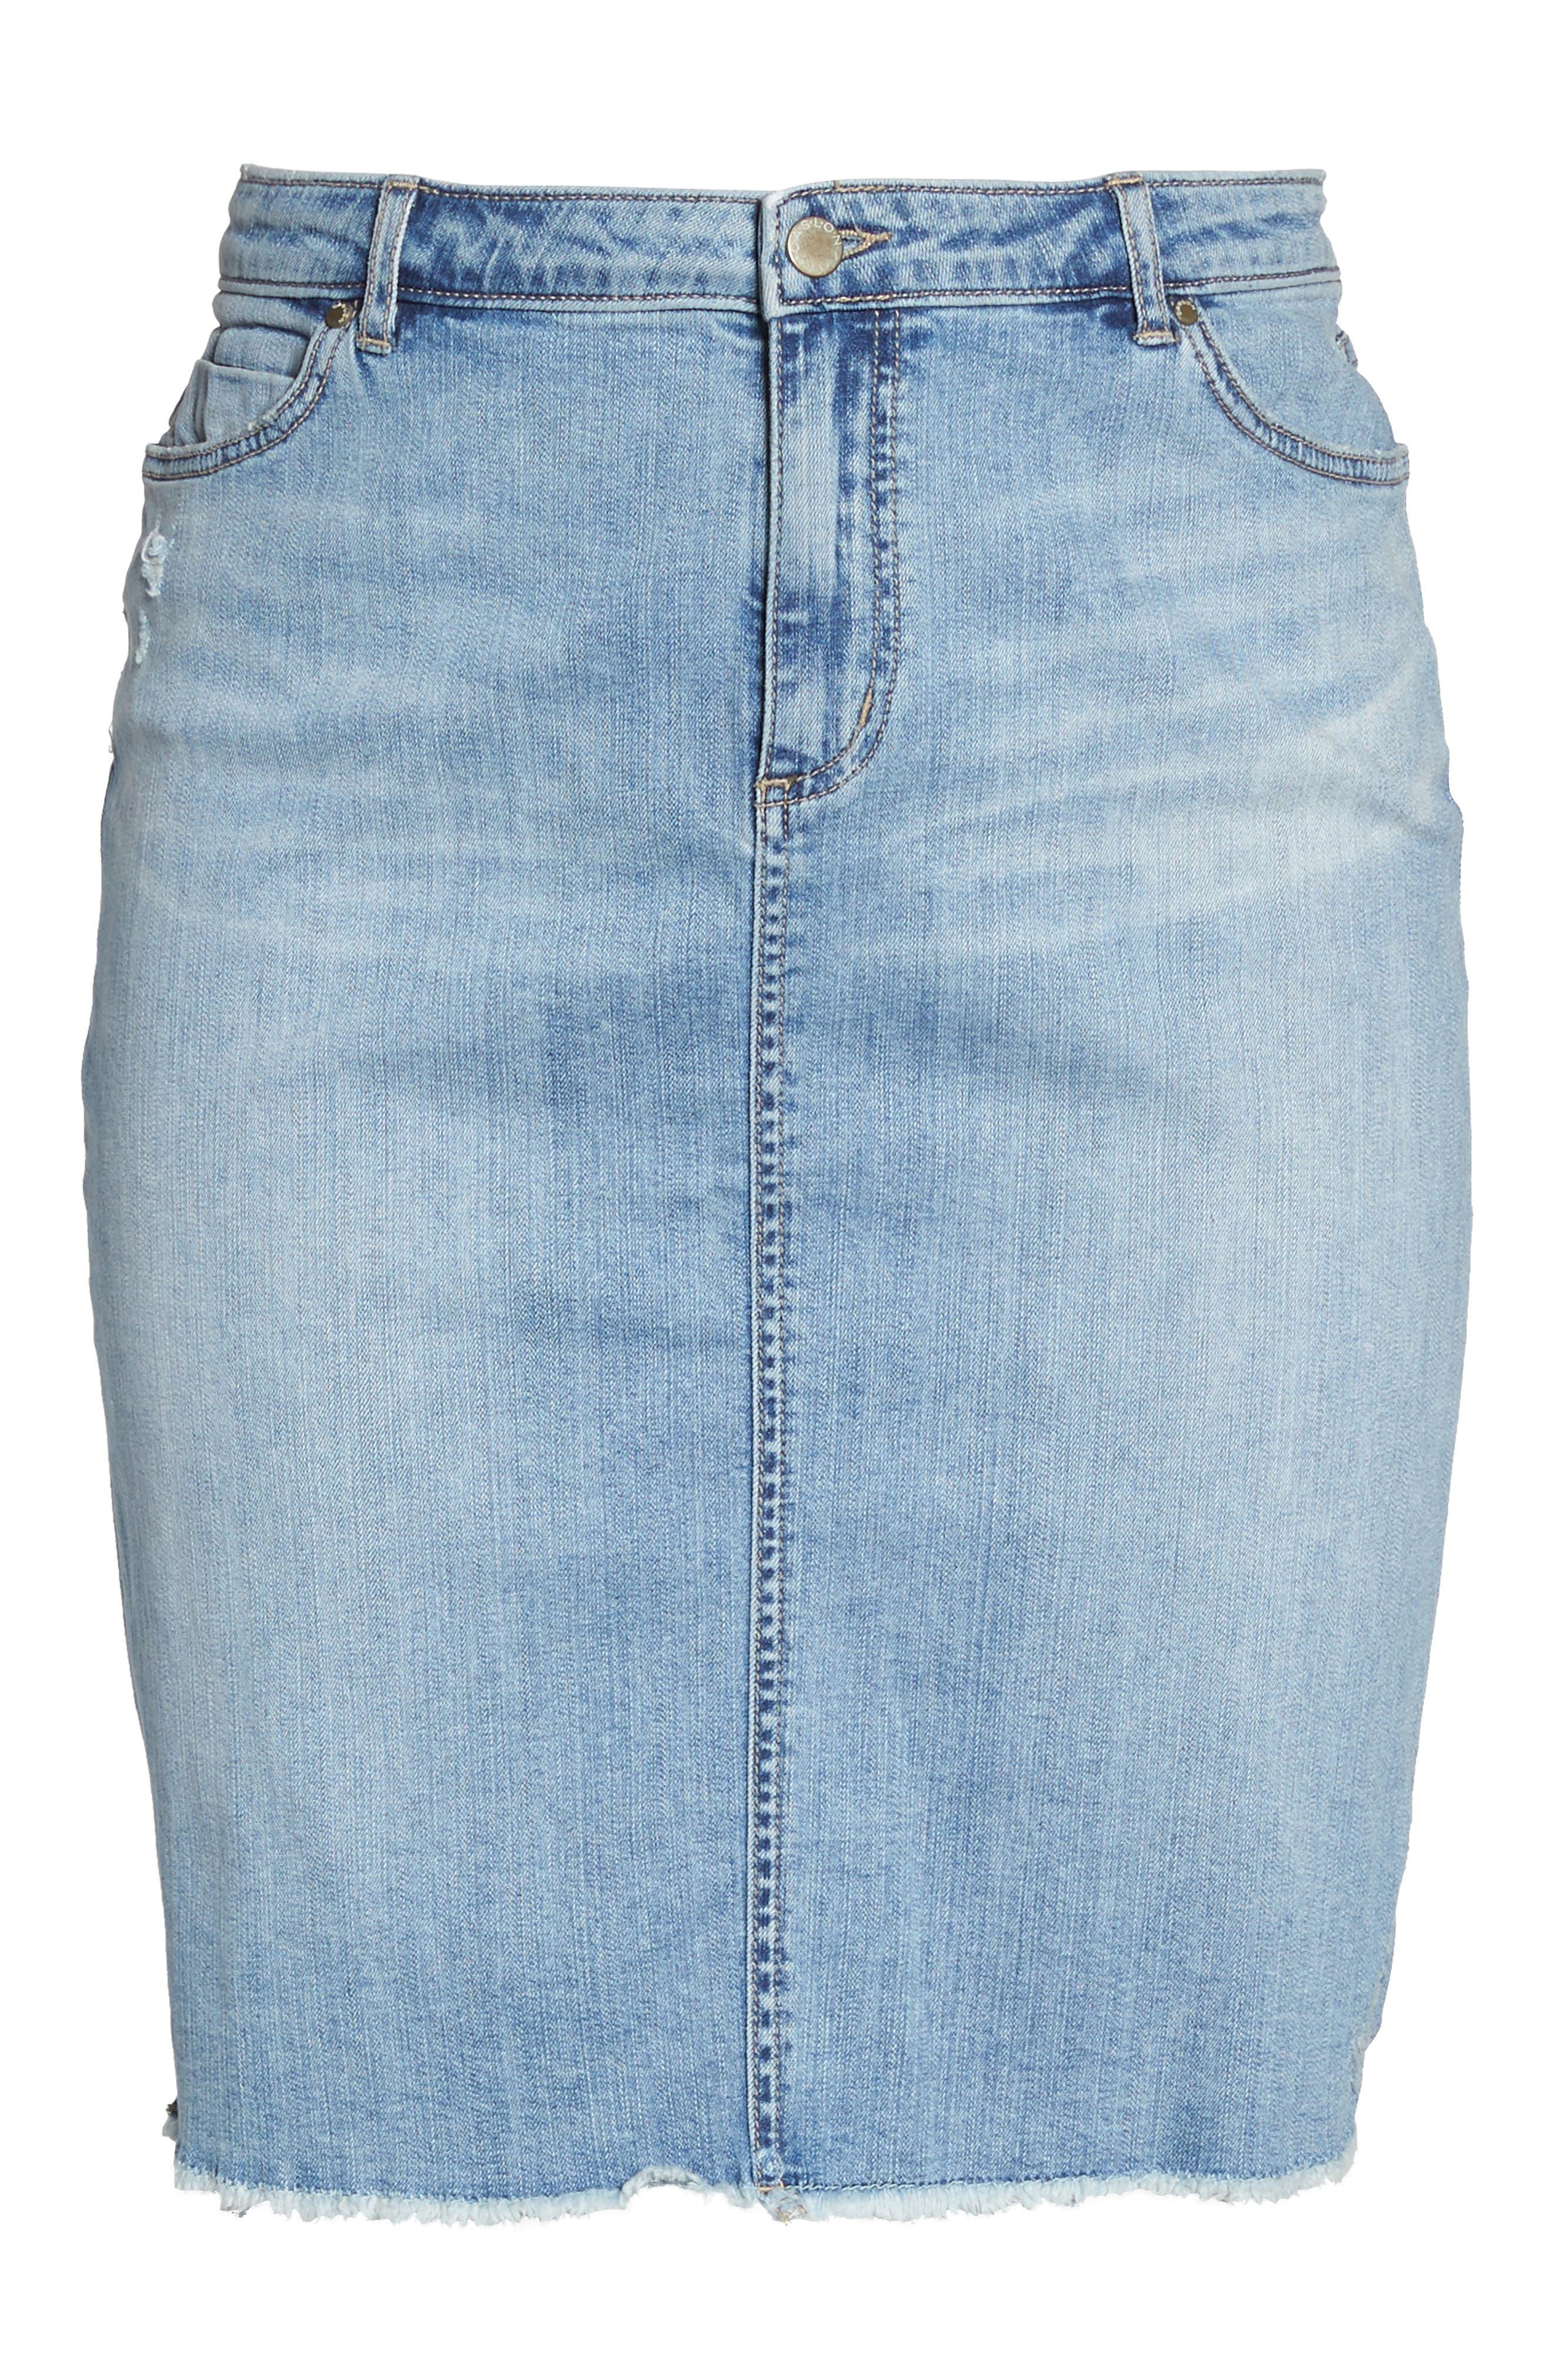 Raw Edge Denim Skirt,                             Alternate thumbnail 6, color,